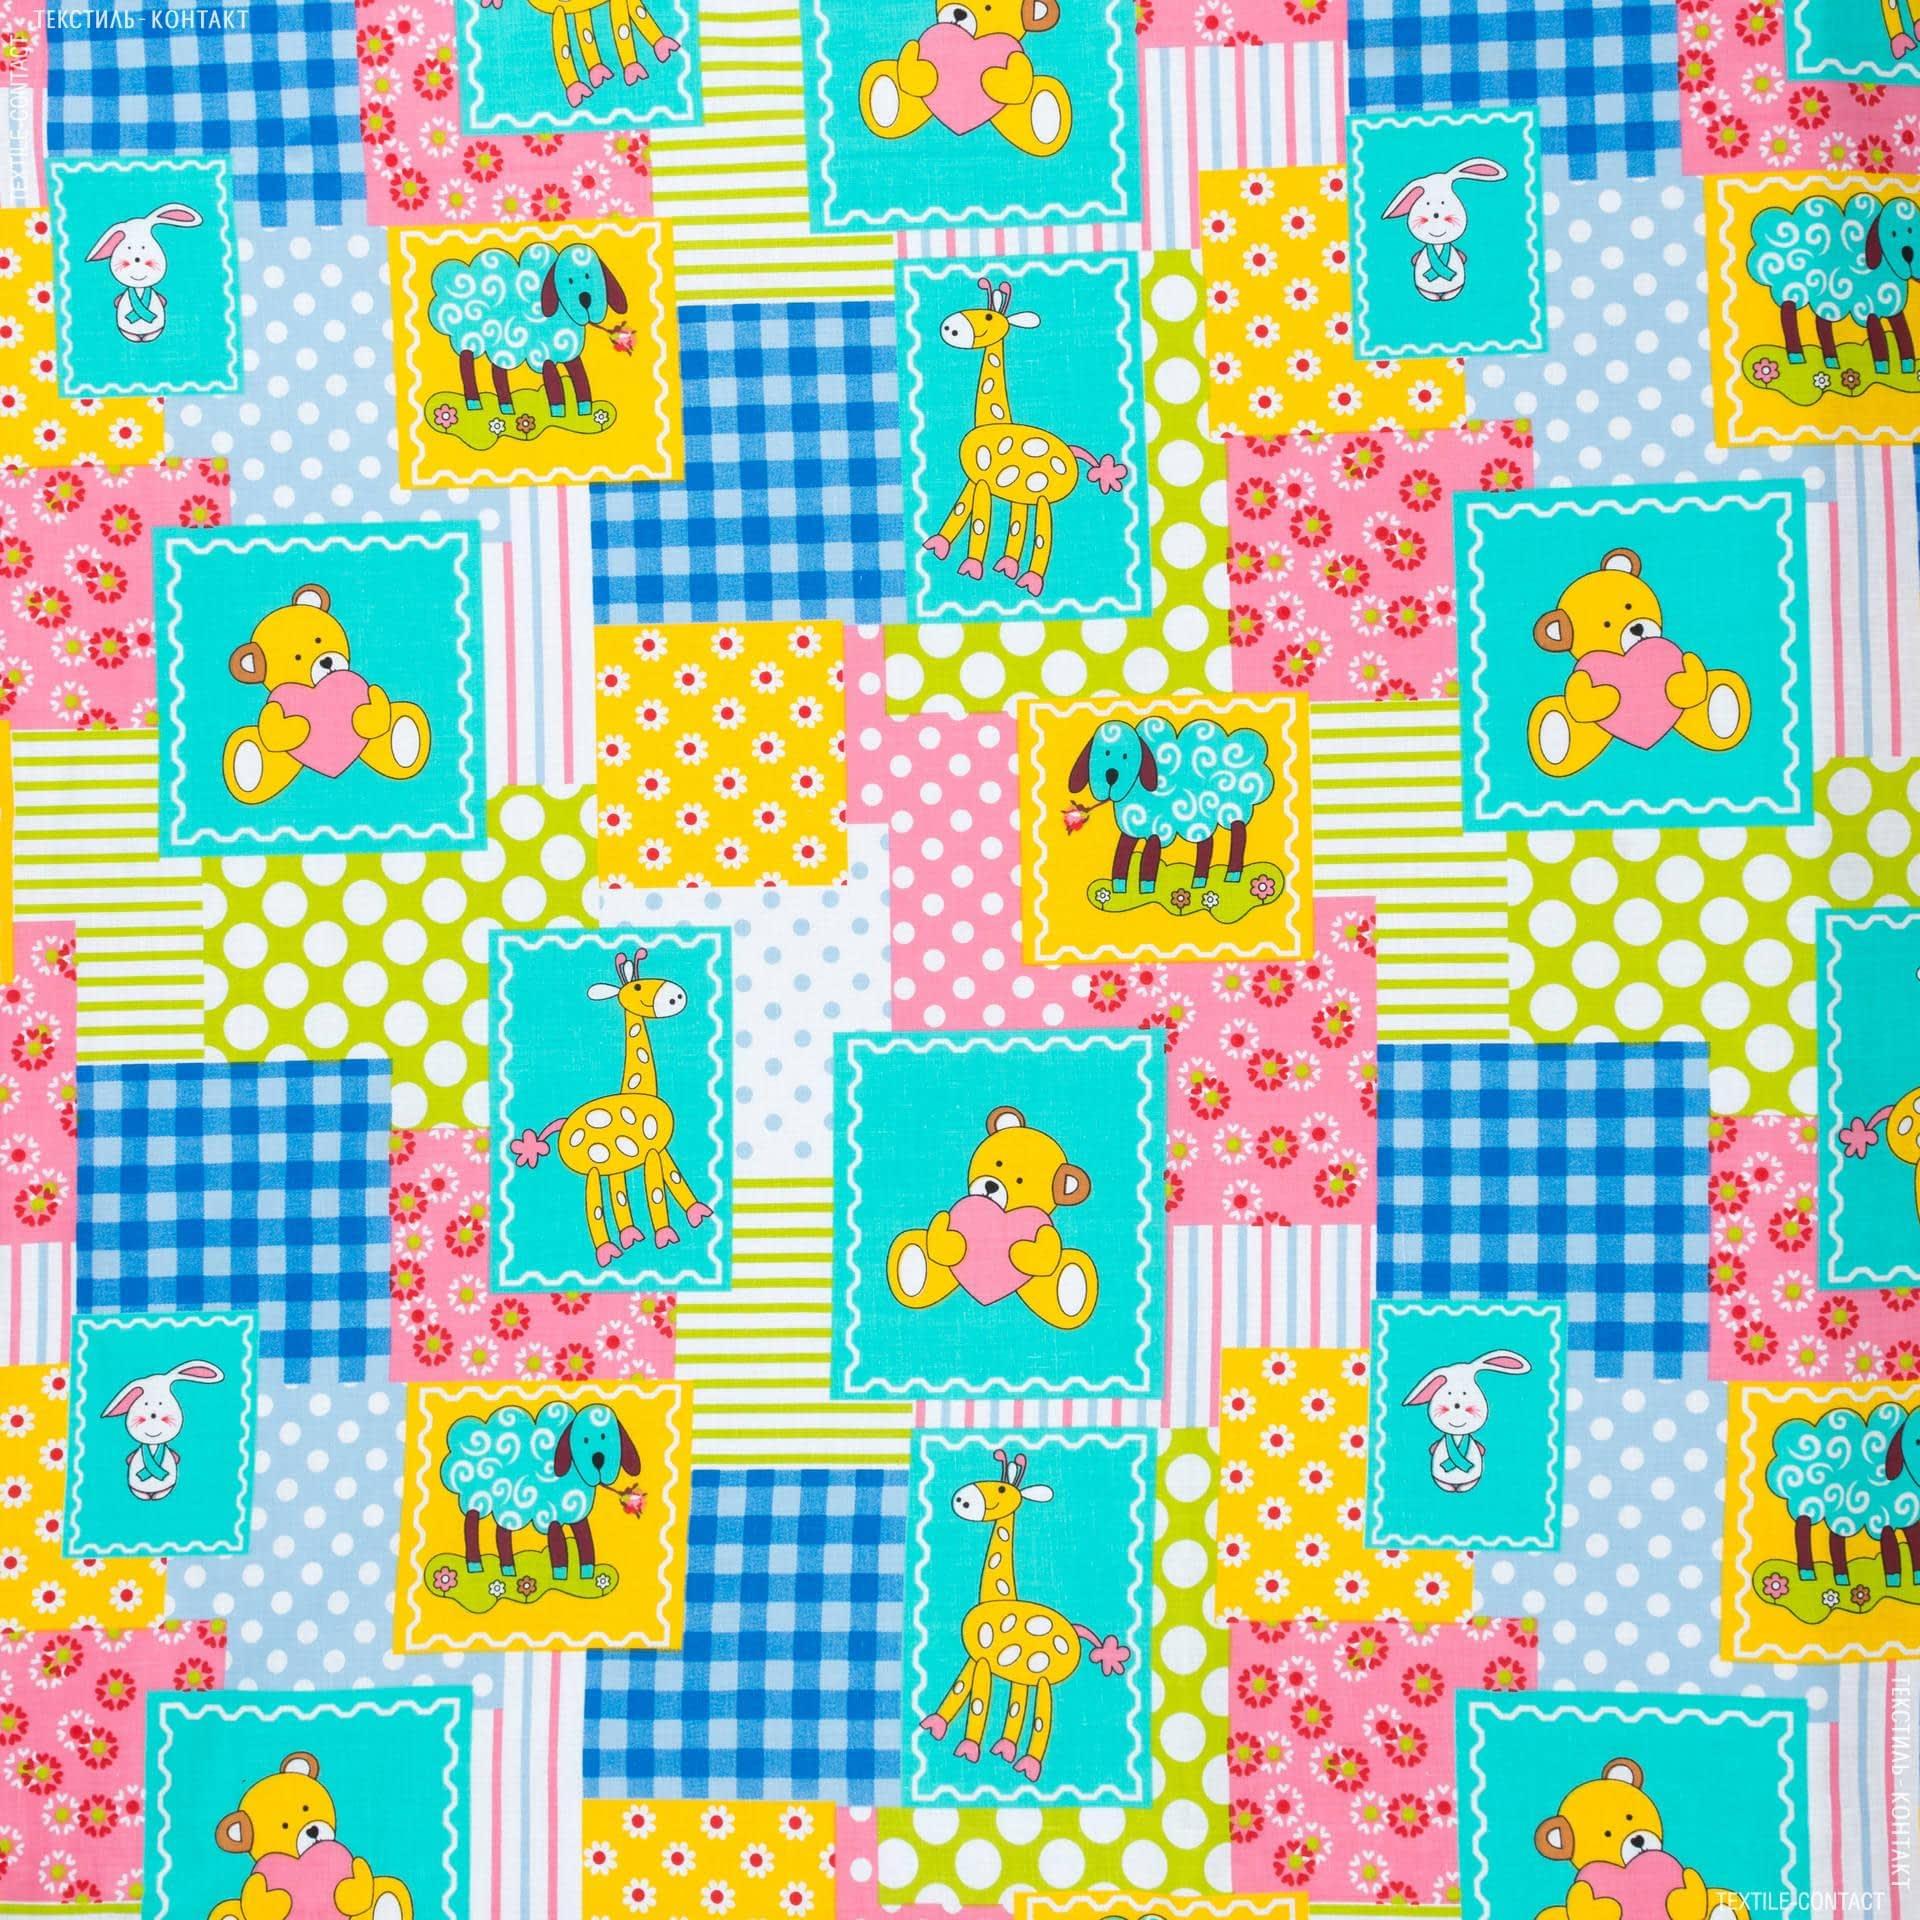 Тканини для дитячої постільної білизни - Бязь набивна голд dw